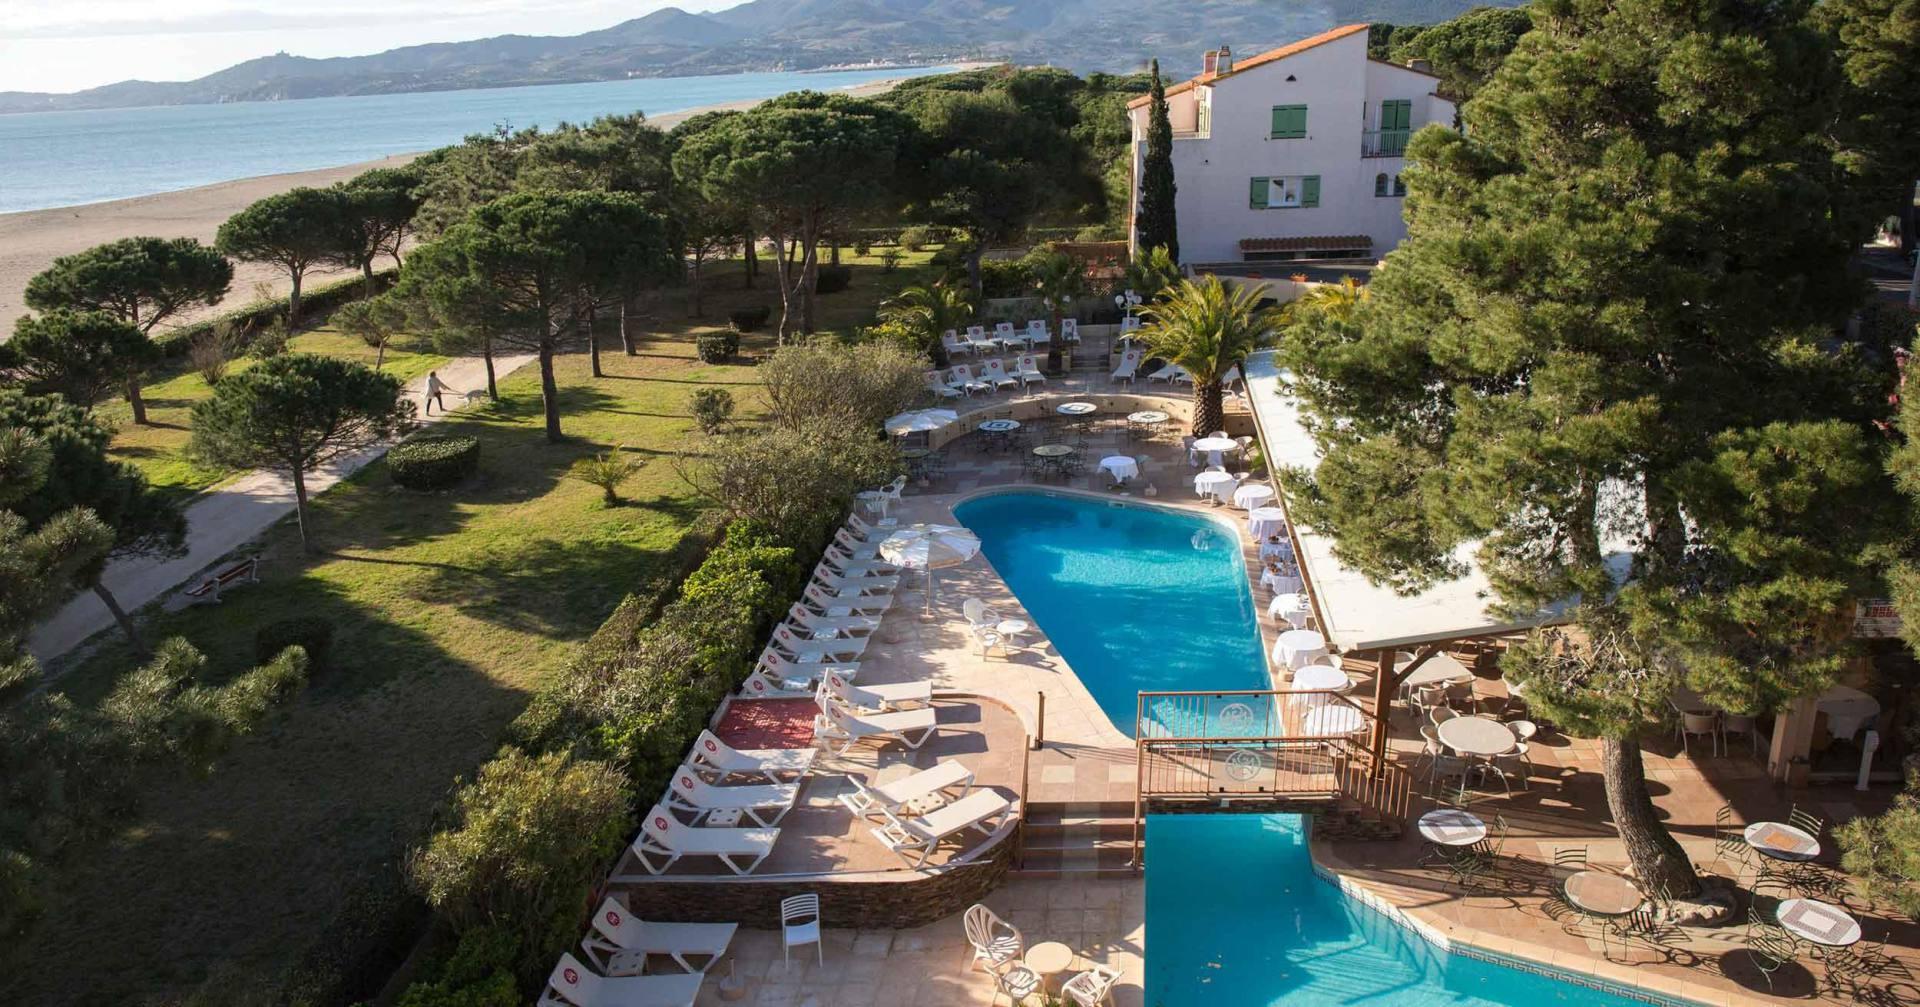 The 3 Star Hotel Le Lido, On The Beach In Argelès-Sur-Mer avec Piscine Du Lido